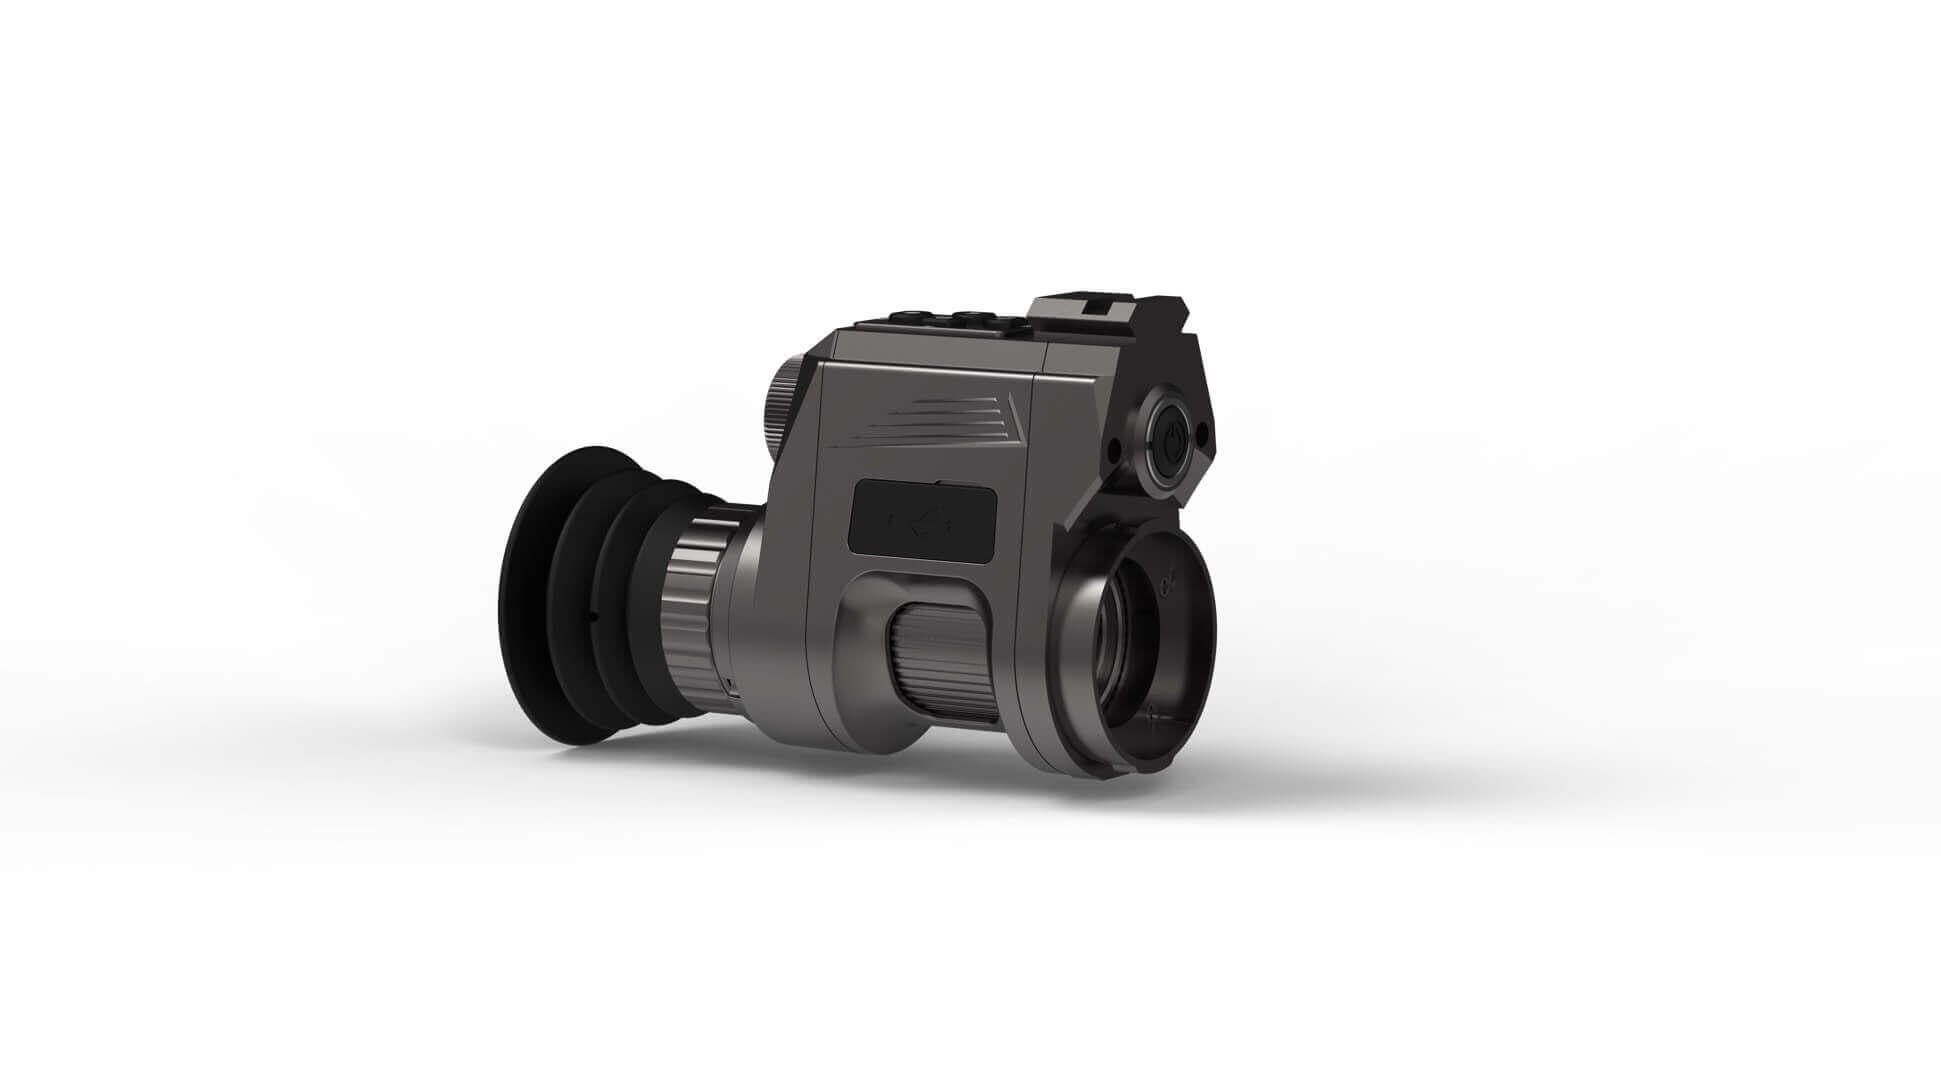 Nachtsichtgerät Syton HT-660 German Edition